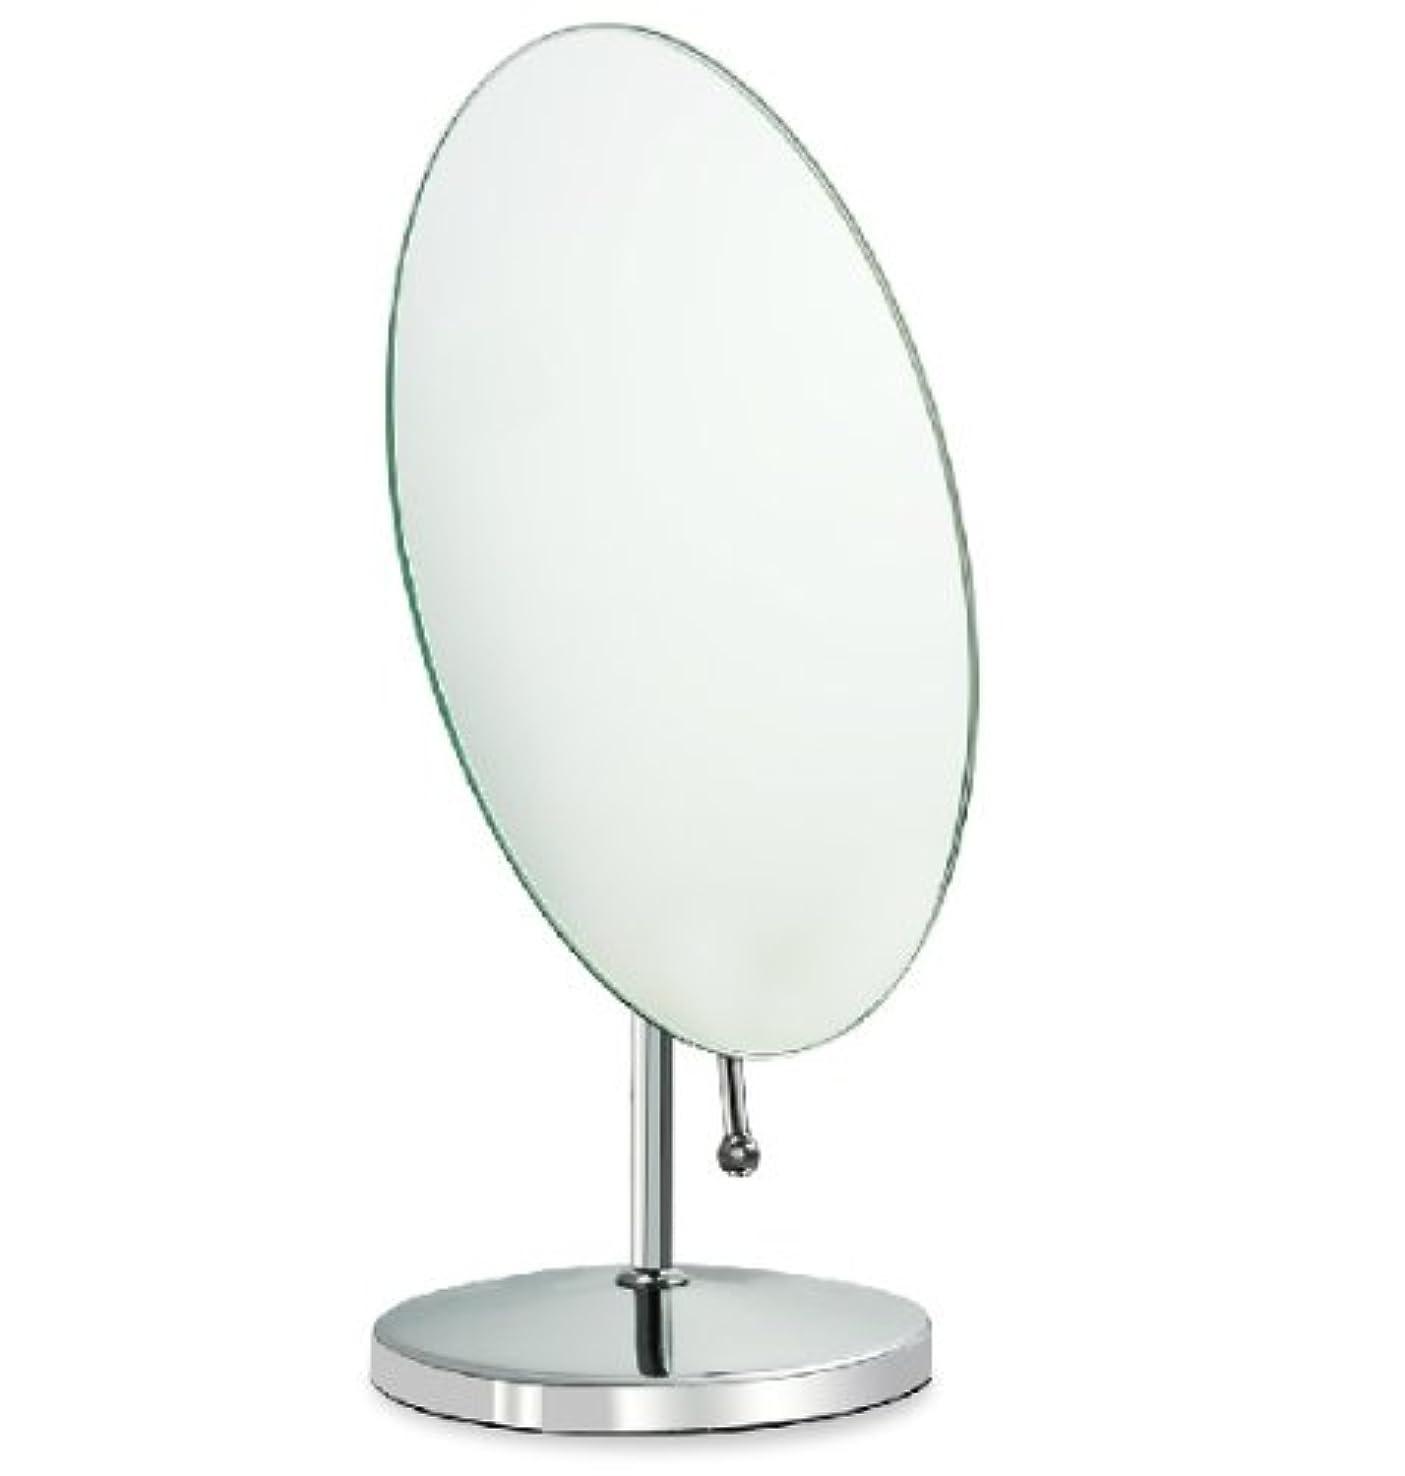 いとこレコーダー後継鏡 卓上鏡 化粧鏡 スタンドミラー 全方向可動式 取っ手付き鏡 大きめな楕円形